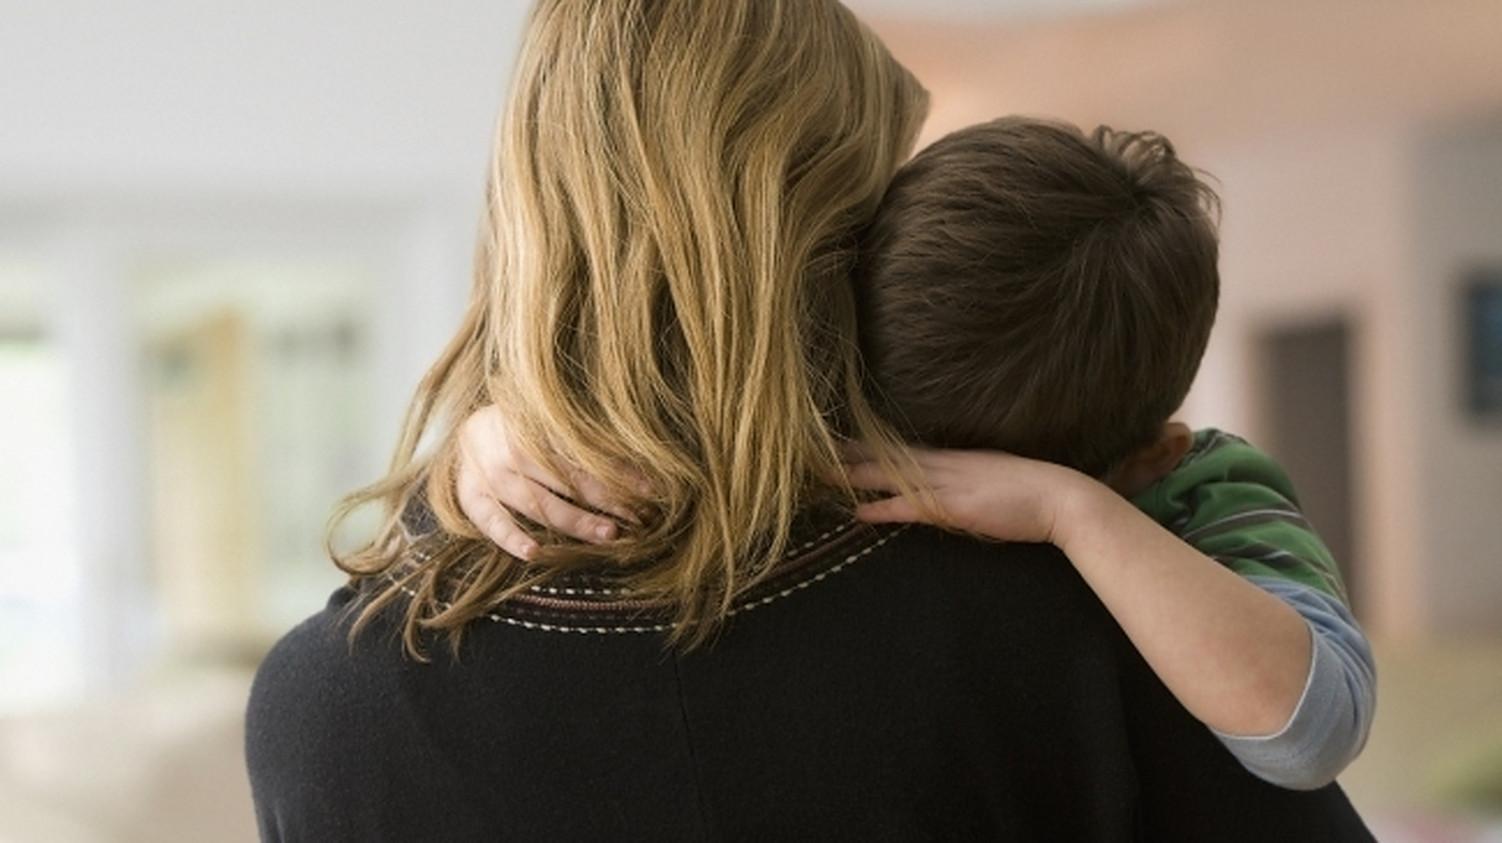 Emoțiile la copii. Cum pot fi ajutați ca să le gestioneze